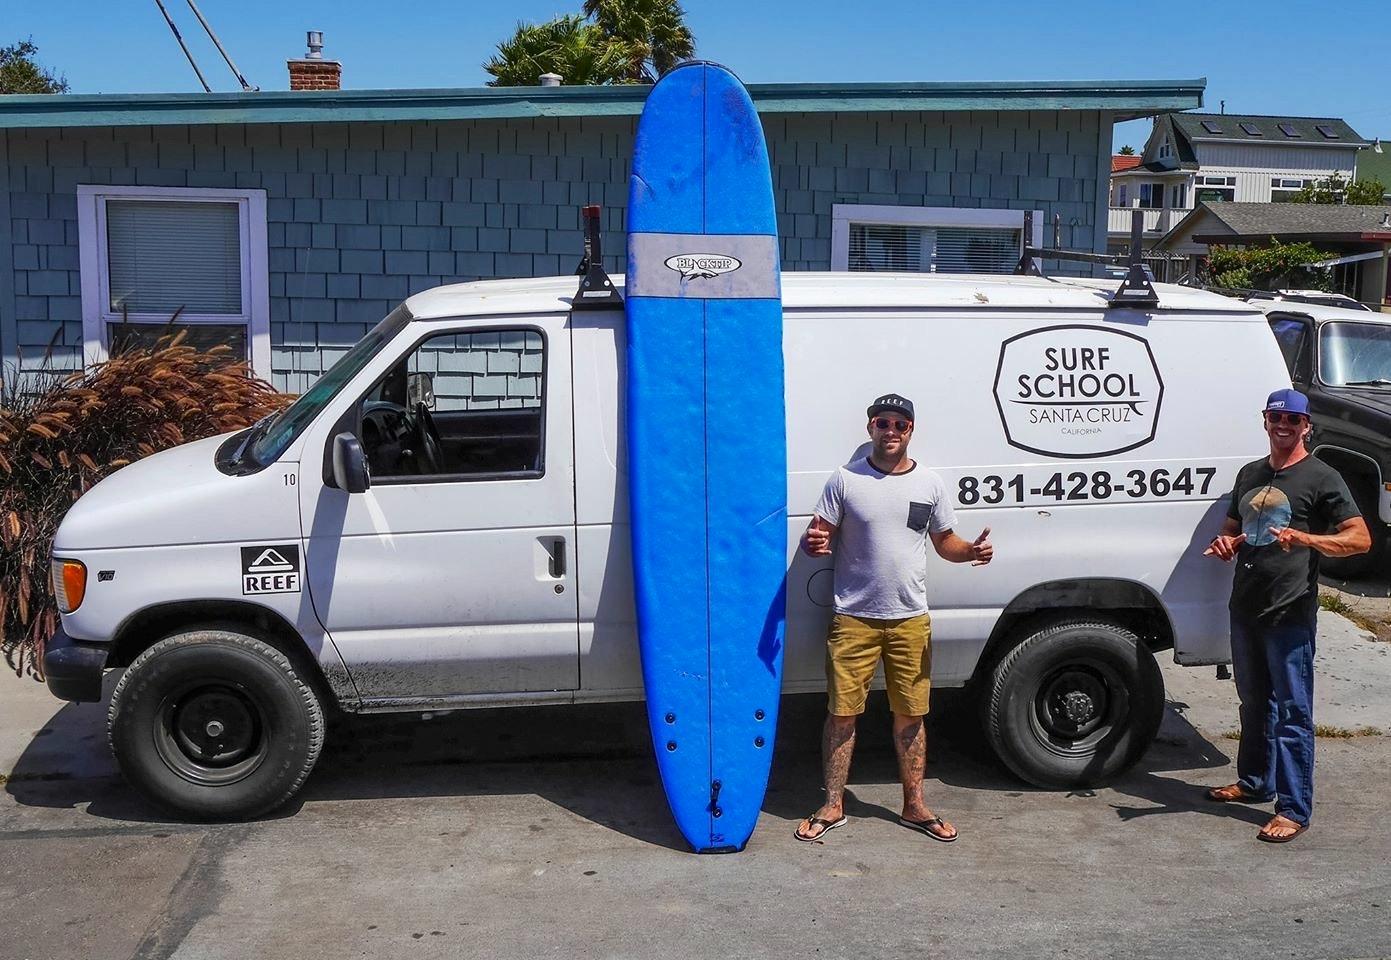 Surf School Santa Cruz van